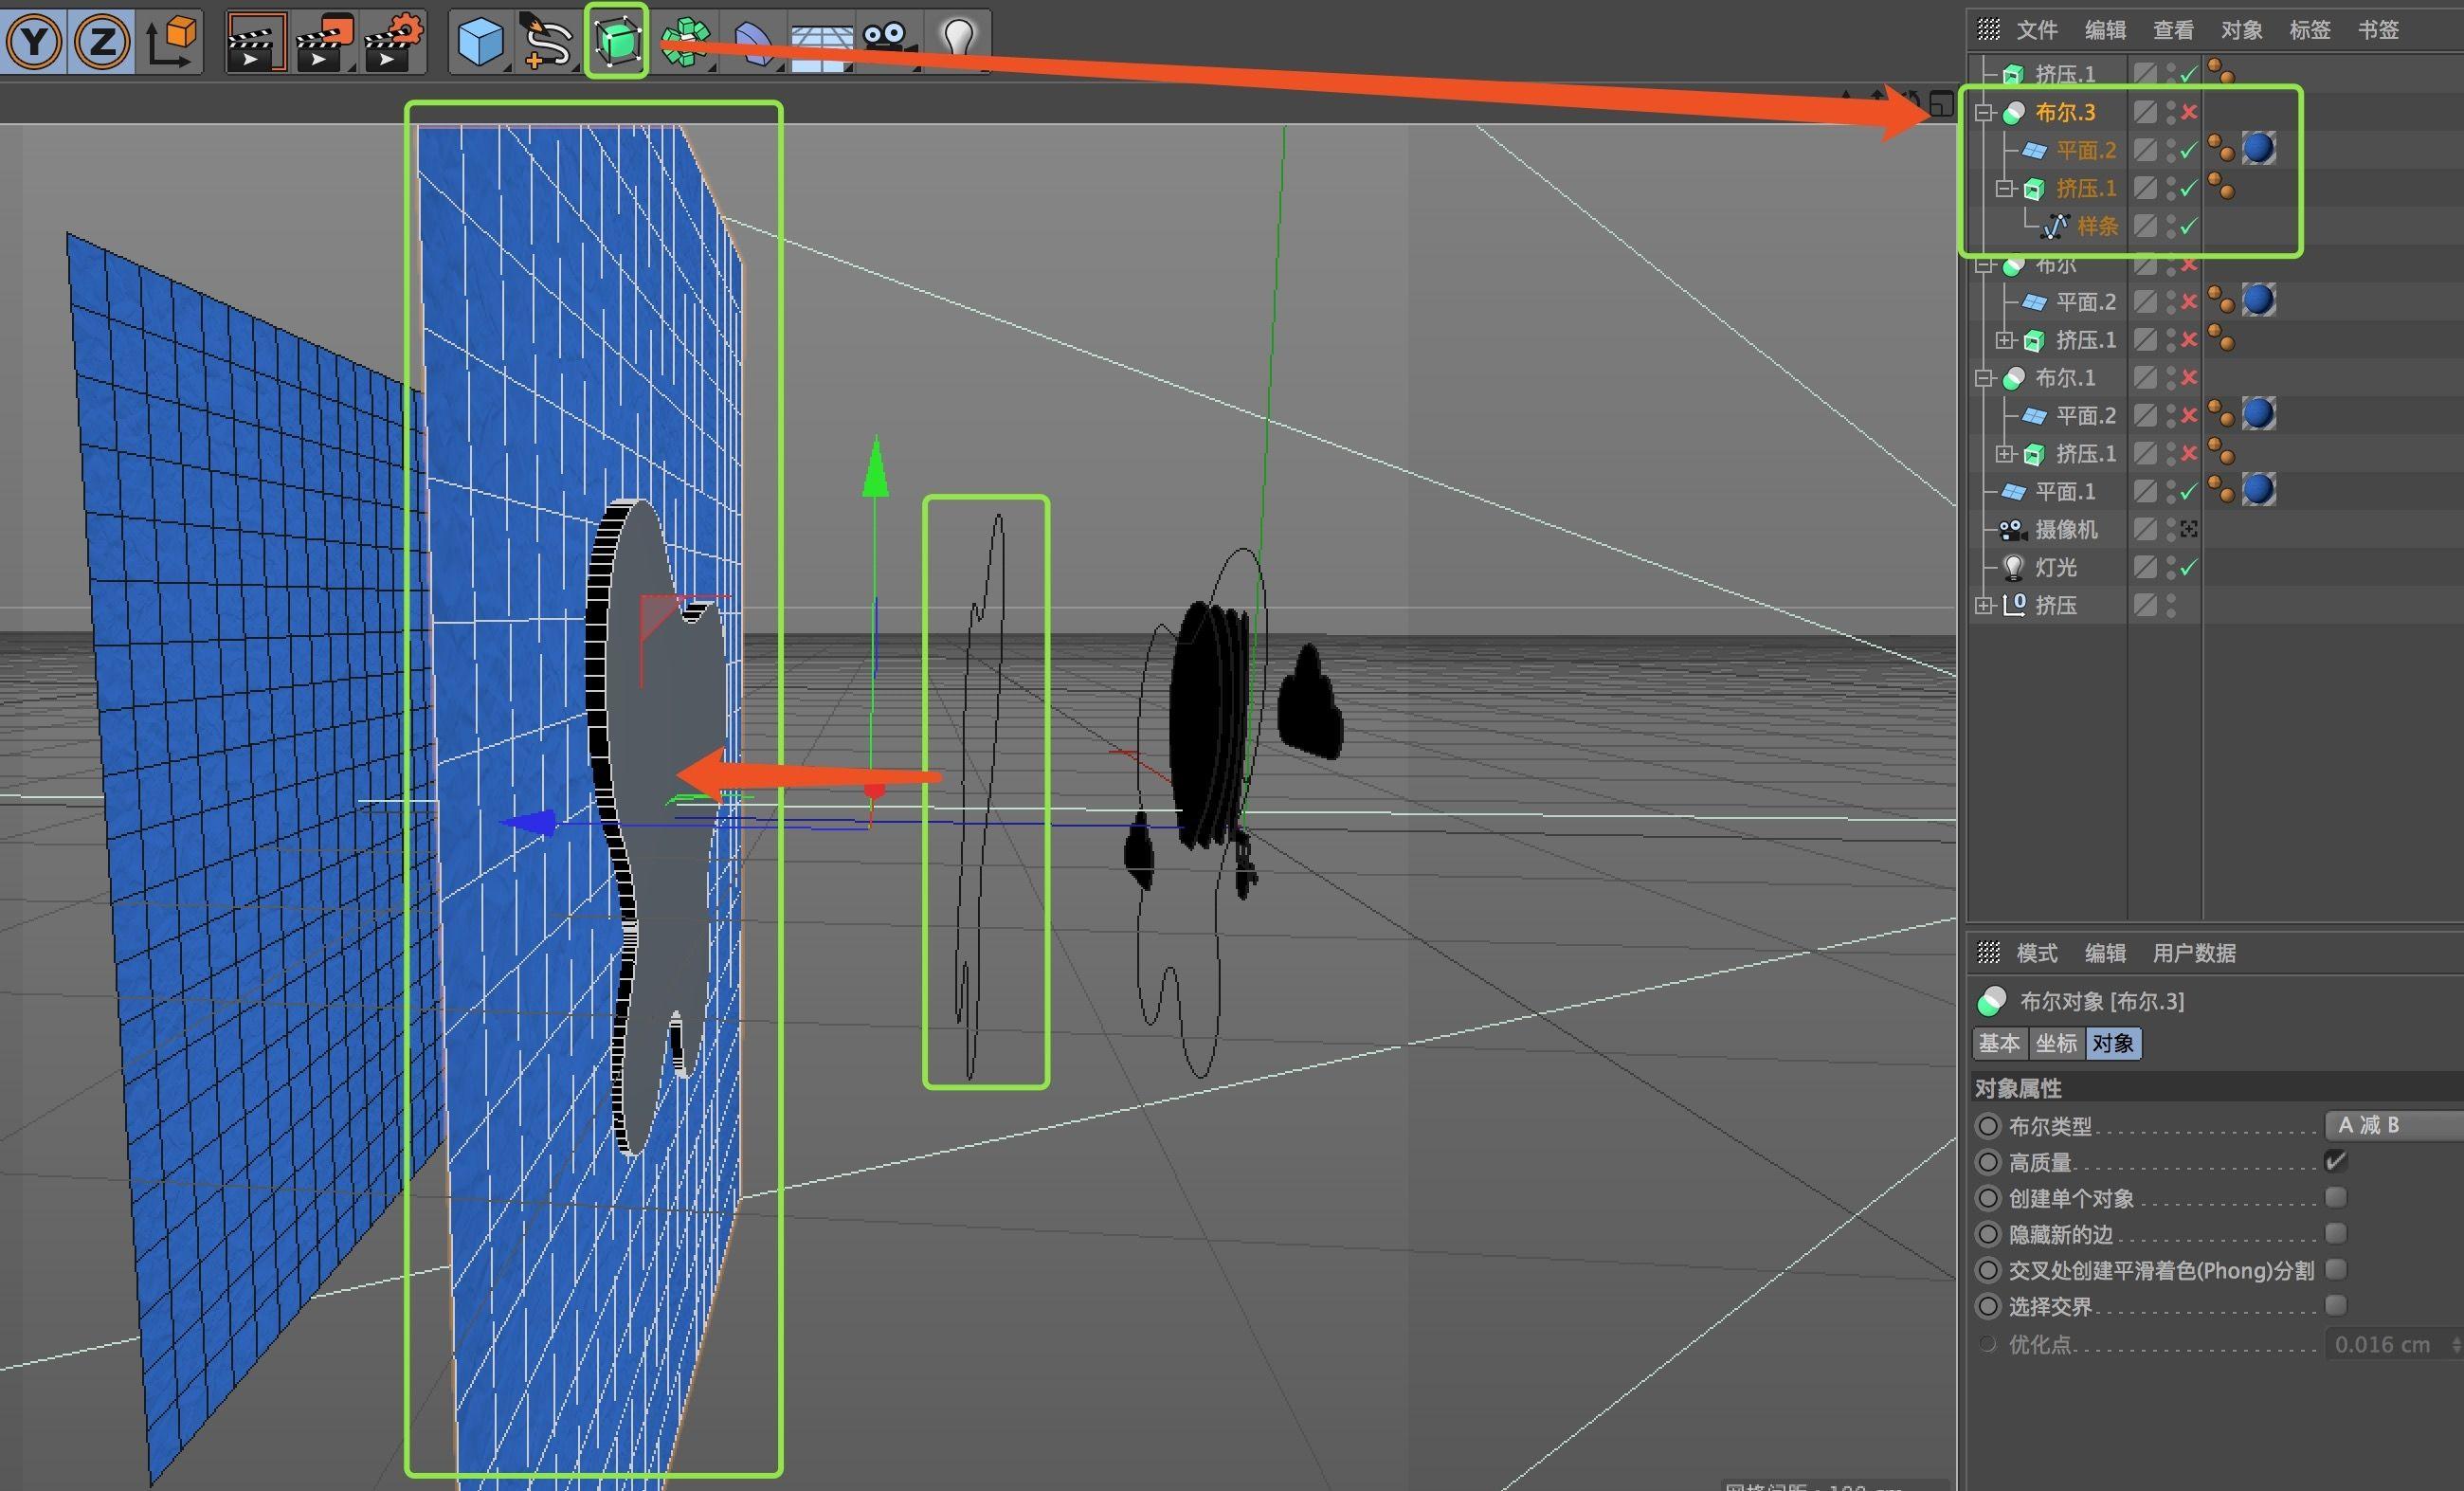 待改-C4D简单制作剪纸效果小插画(4)